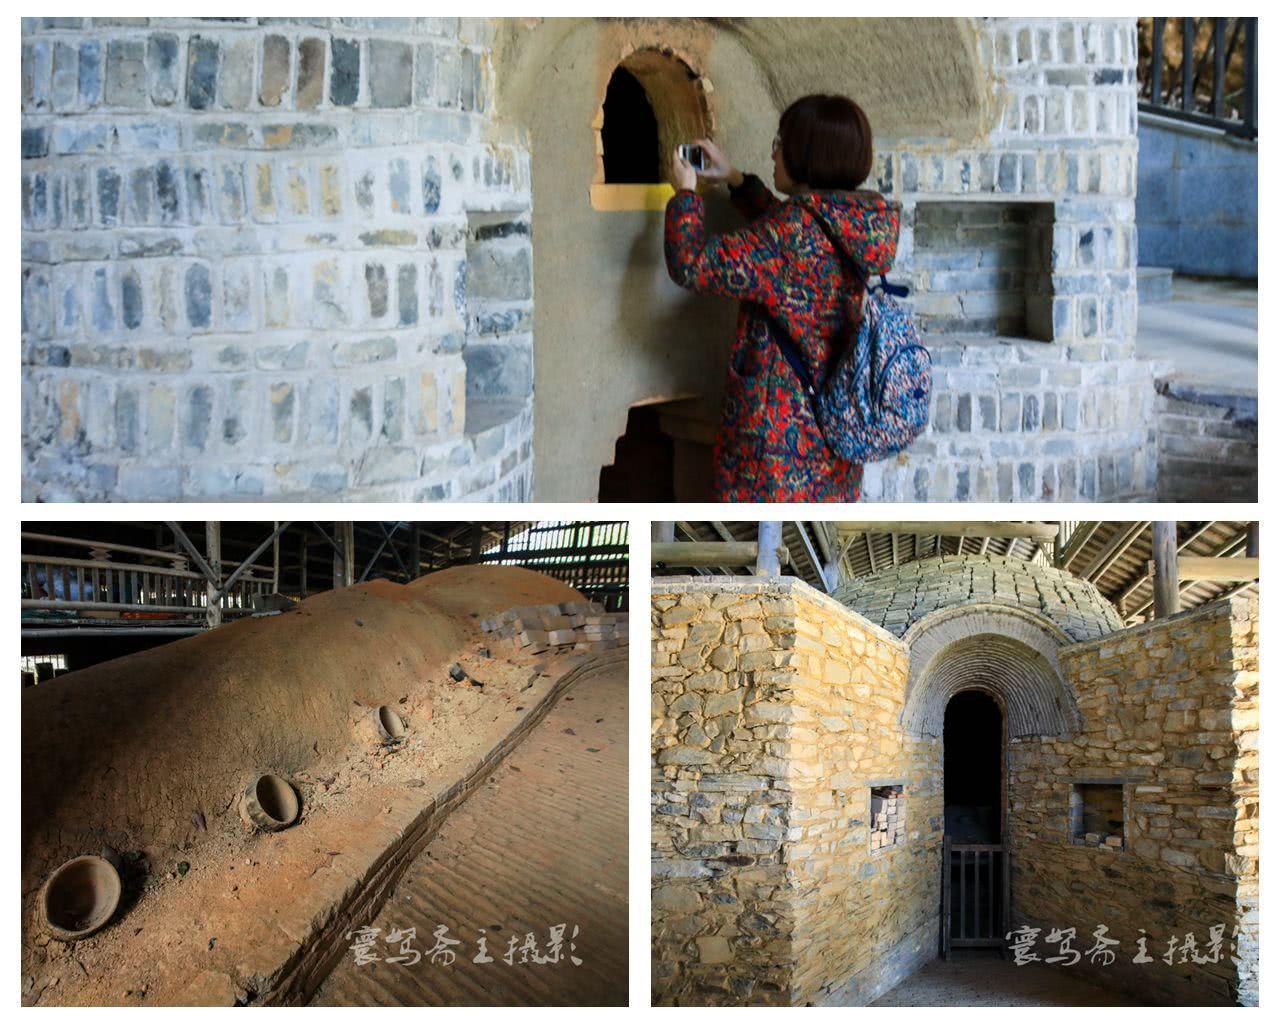 景德镇古窑里那些随处可见的瓷器瓷片向人们述说着陶瓷之都的真正含义